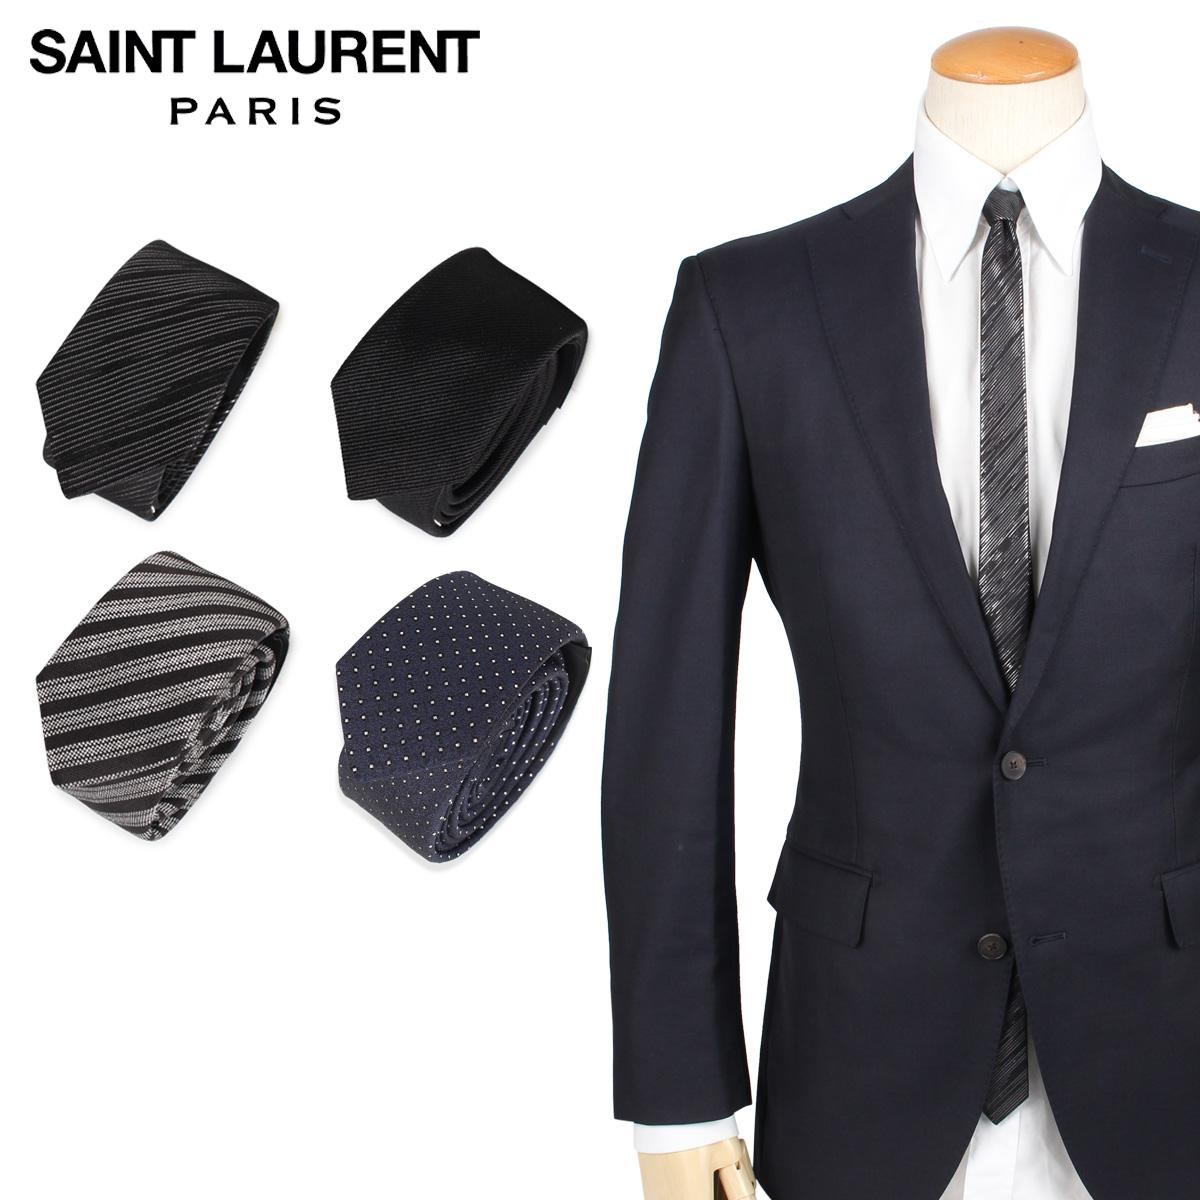 サンローラン パリ SAINT LAURENT PARIS ネクタイ メンズ TIE